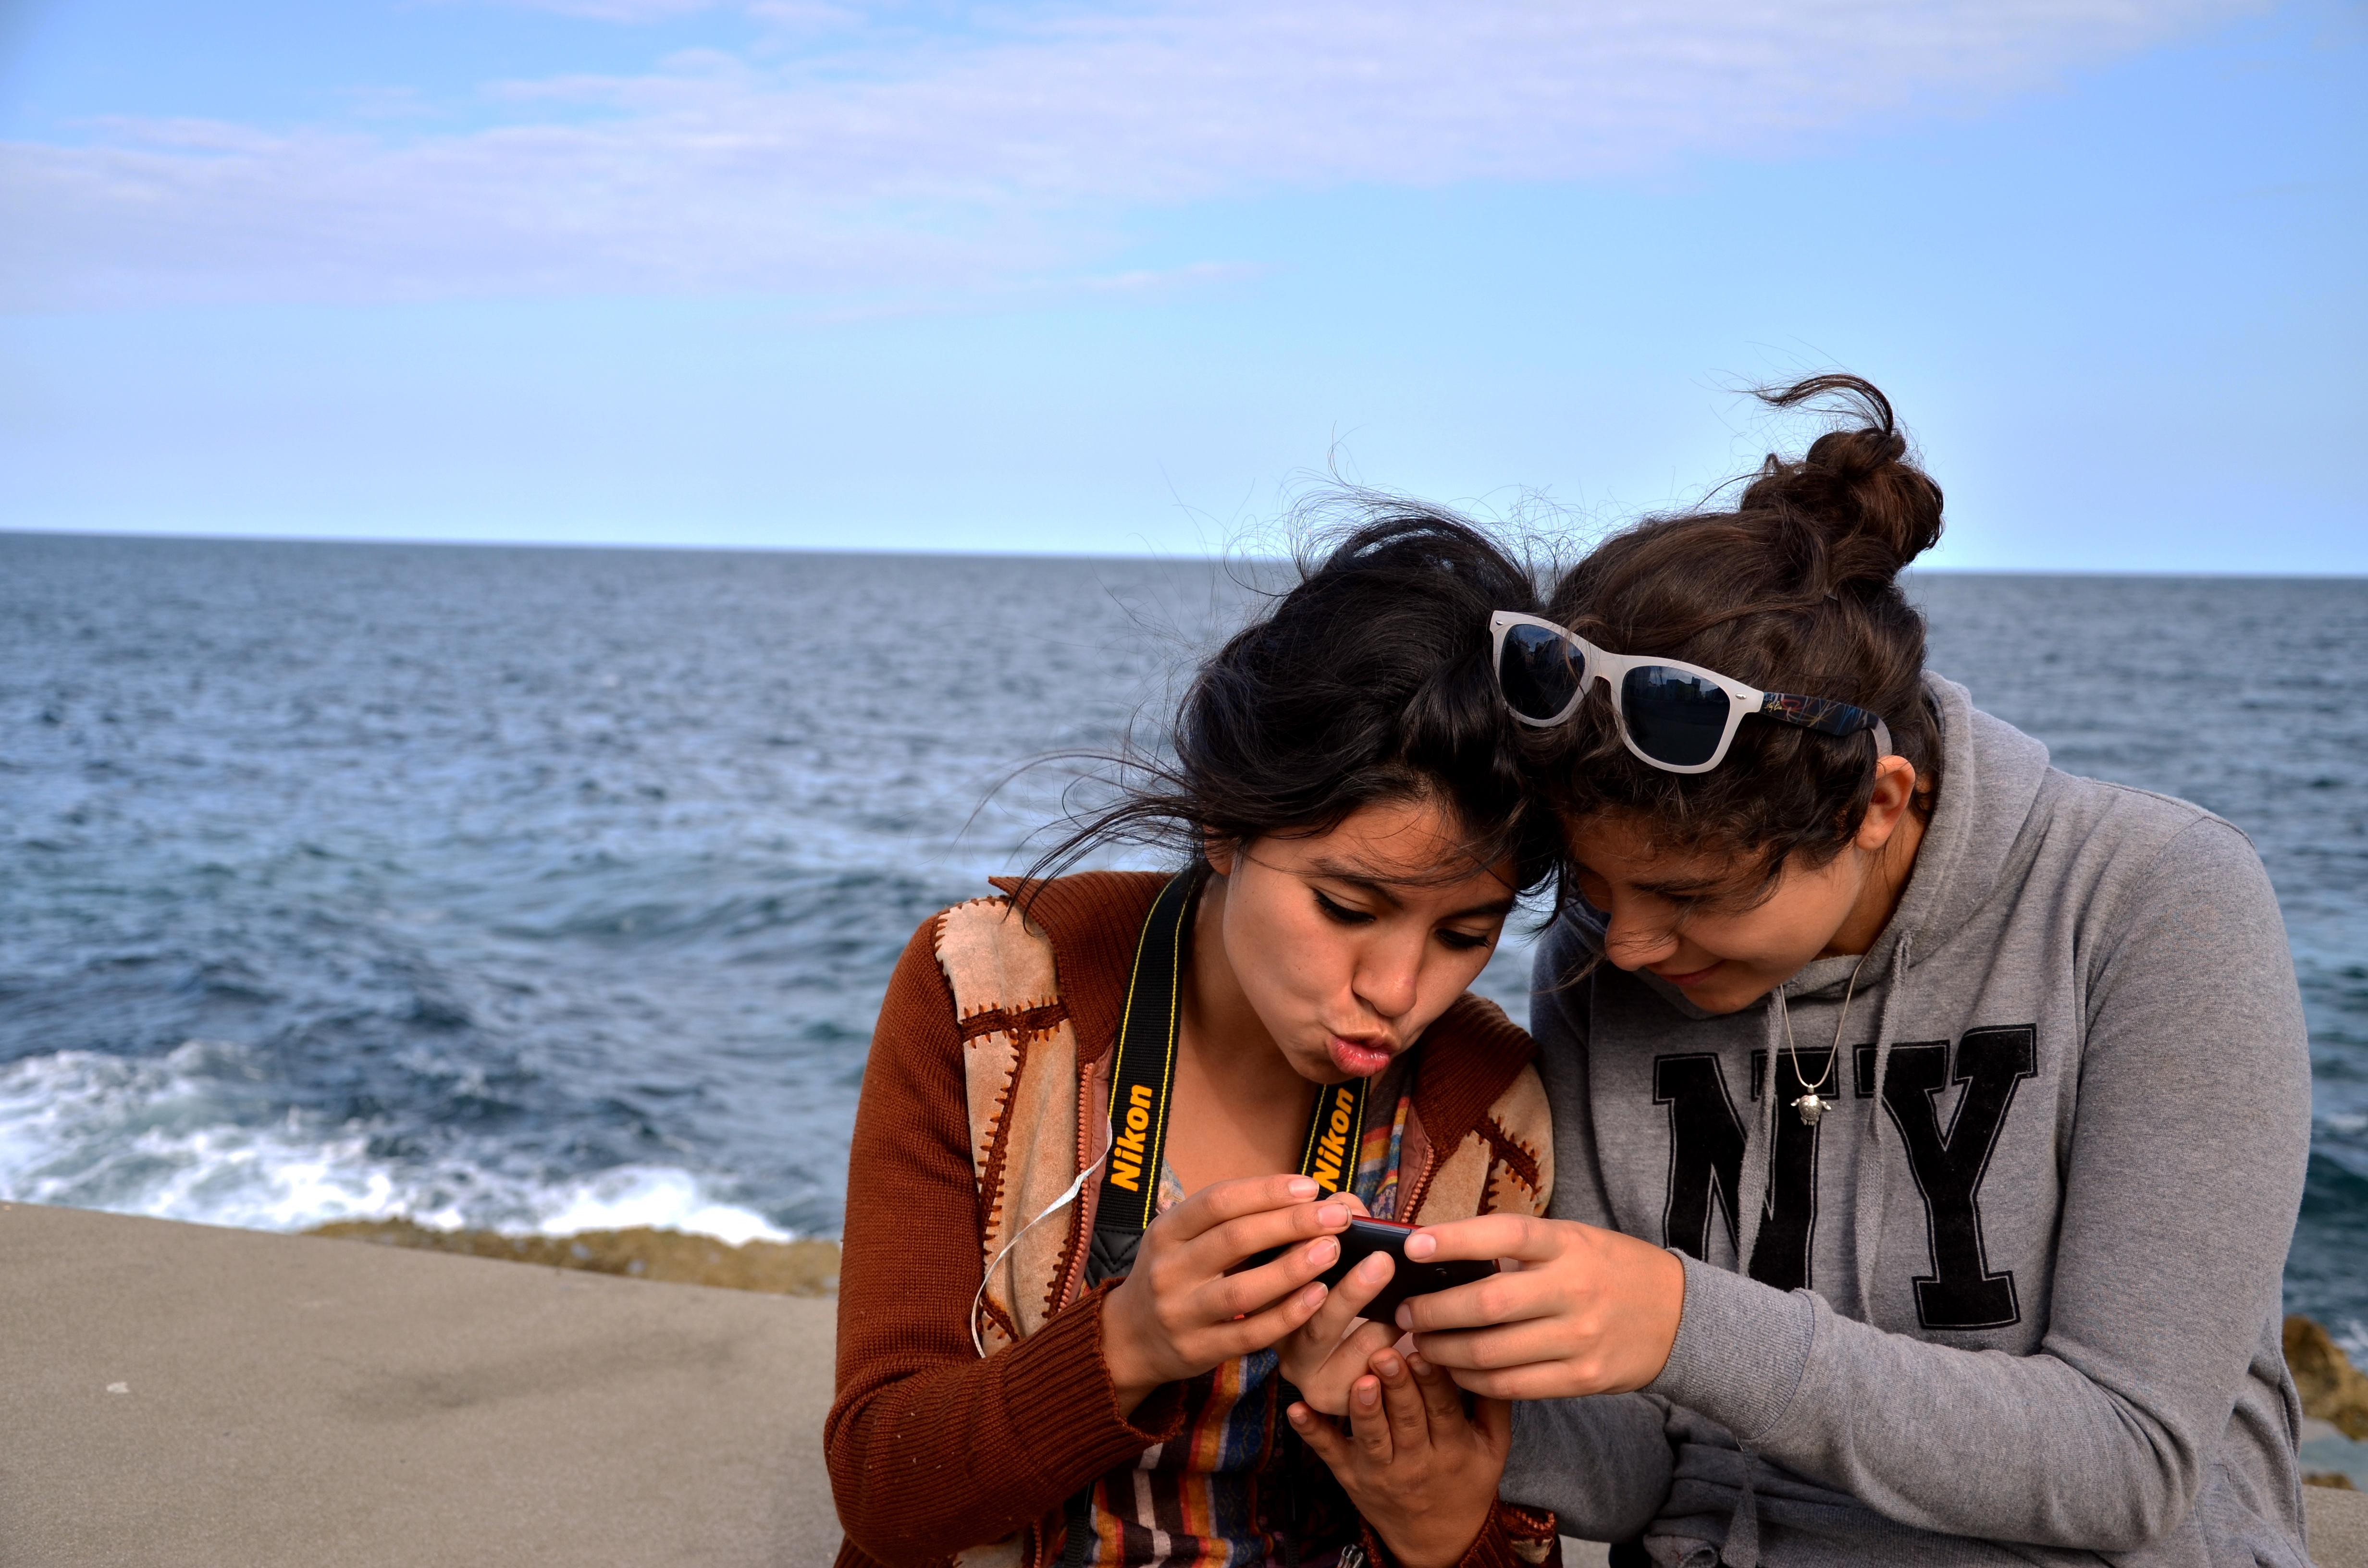 Carina and Illariy 3